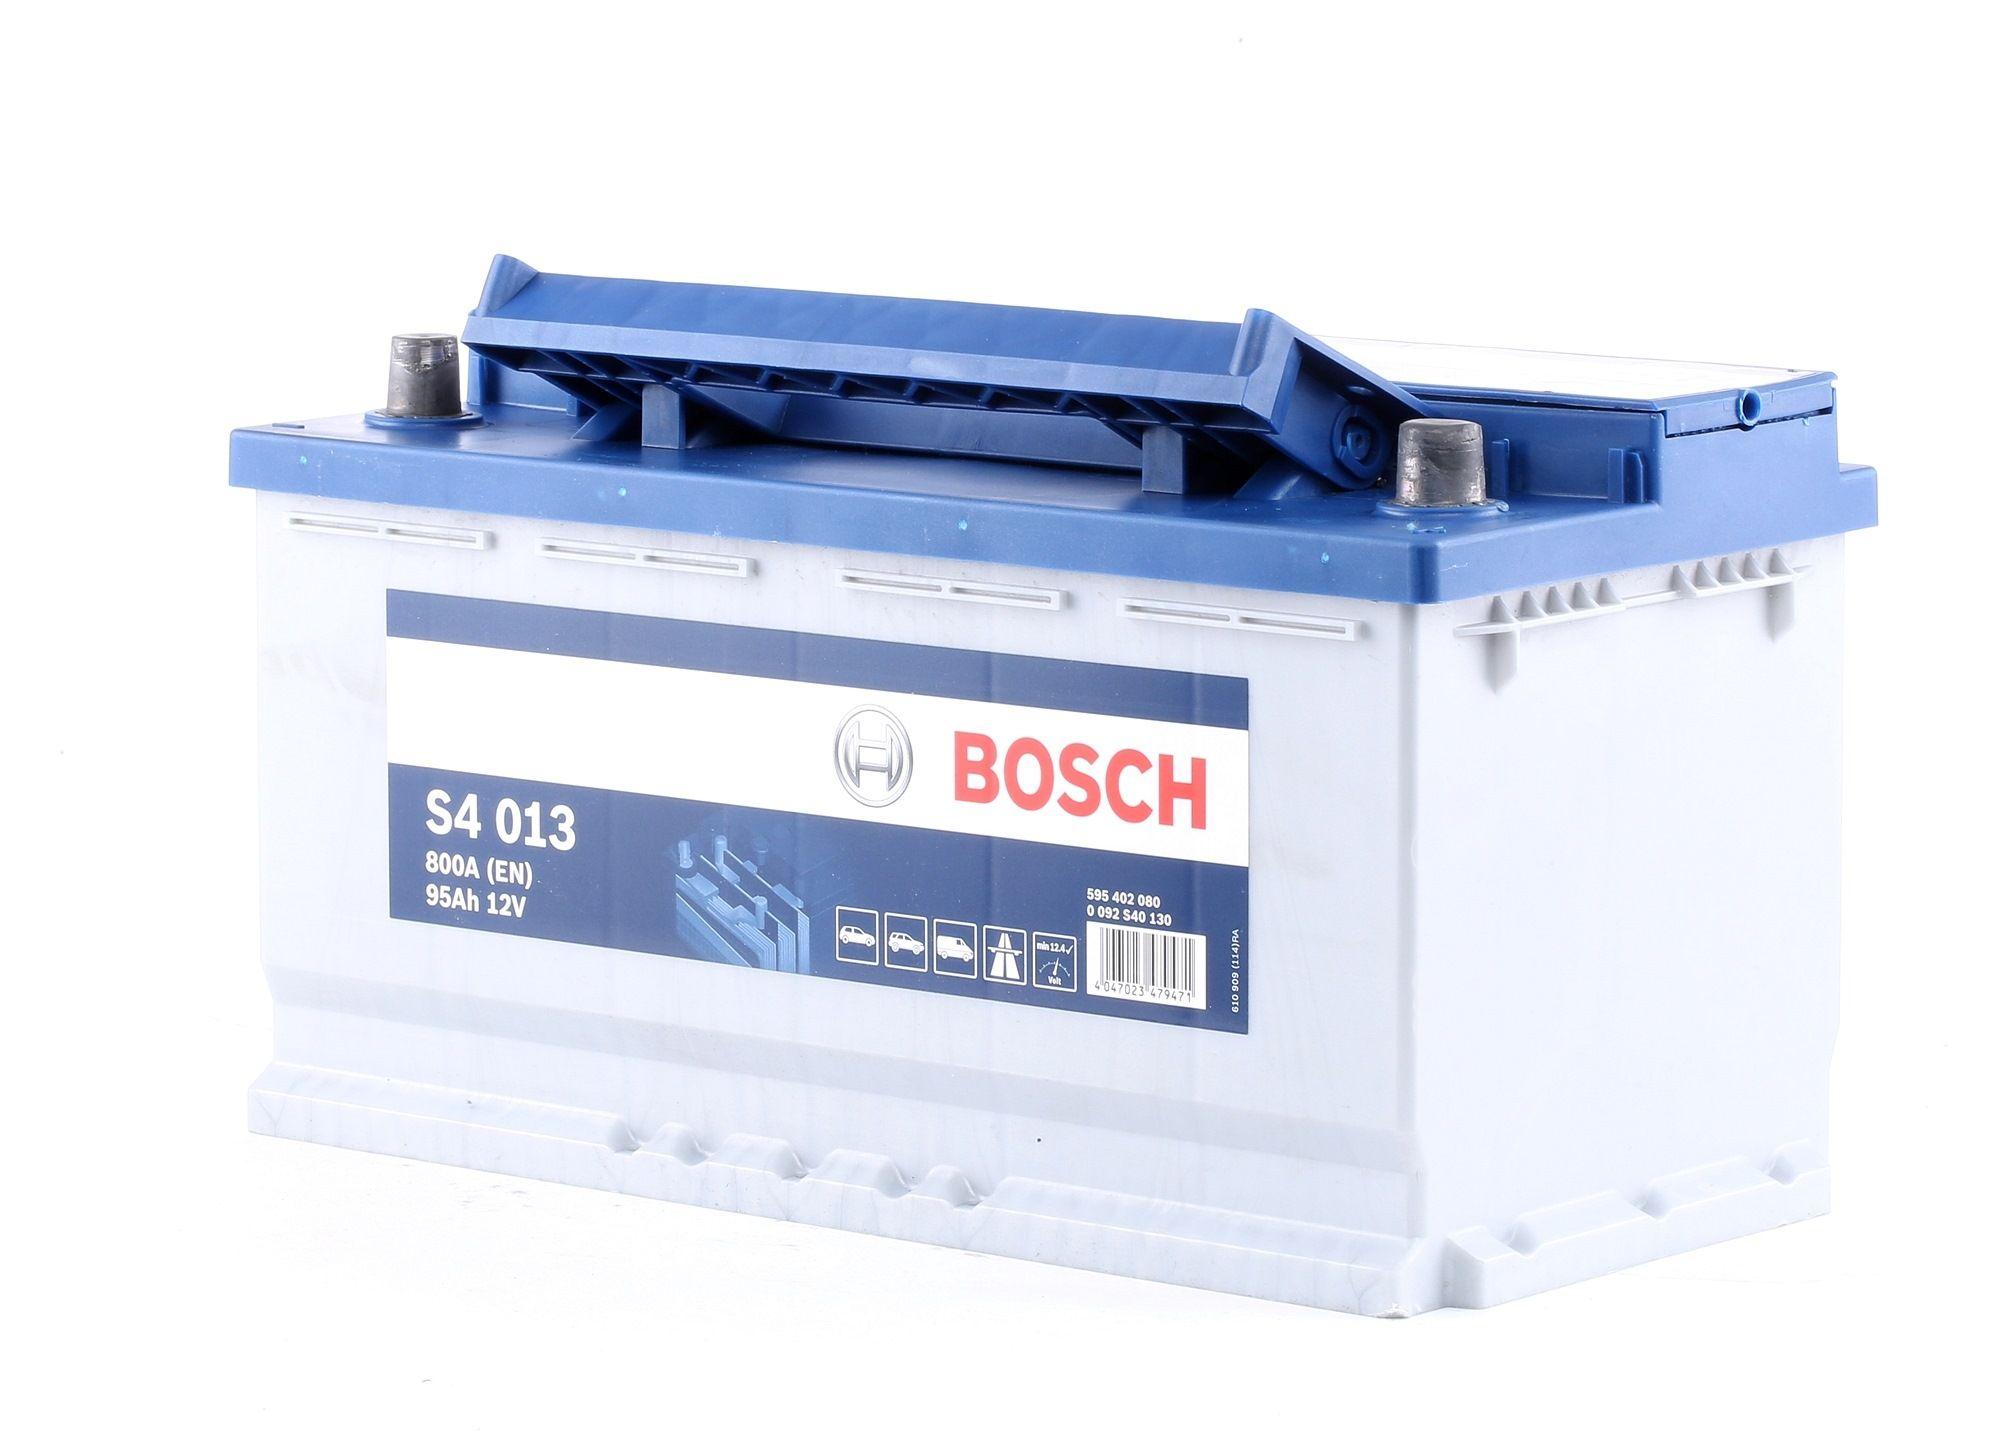 Batterie BOSCH 595402080 Bewertung